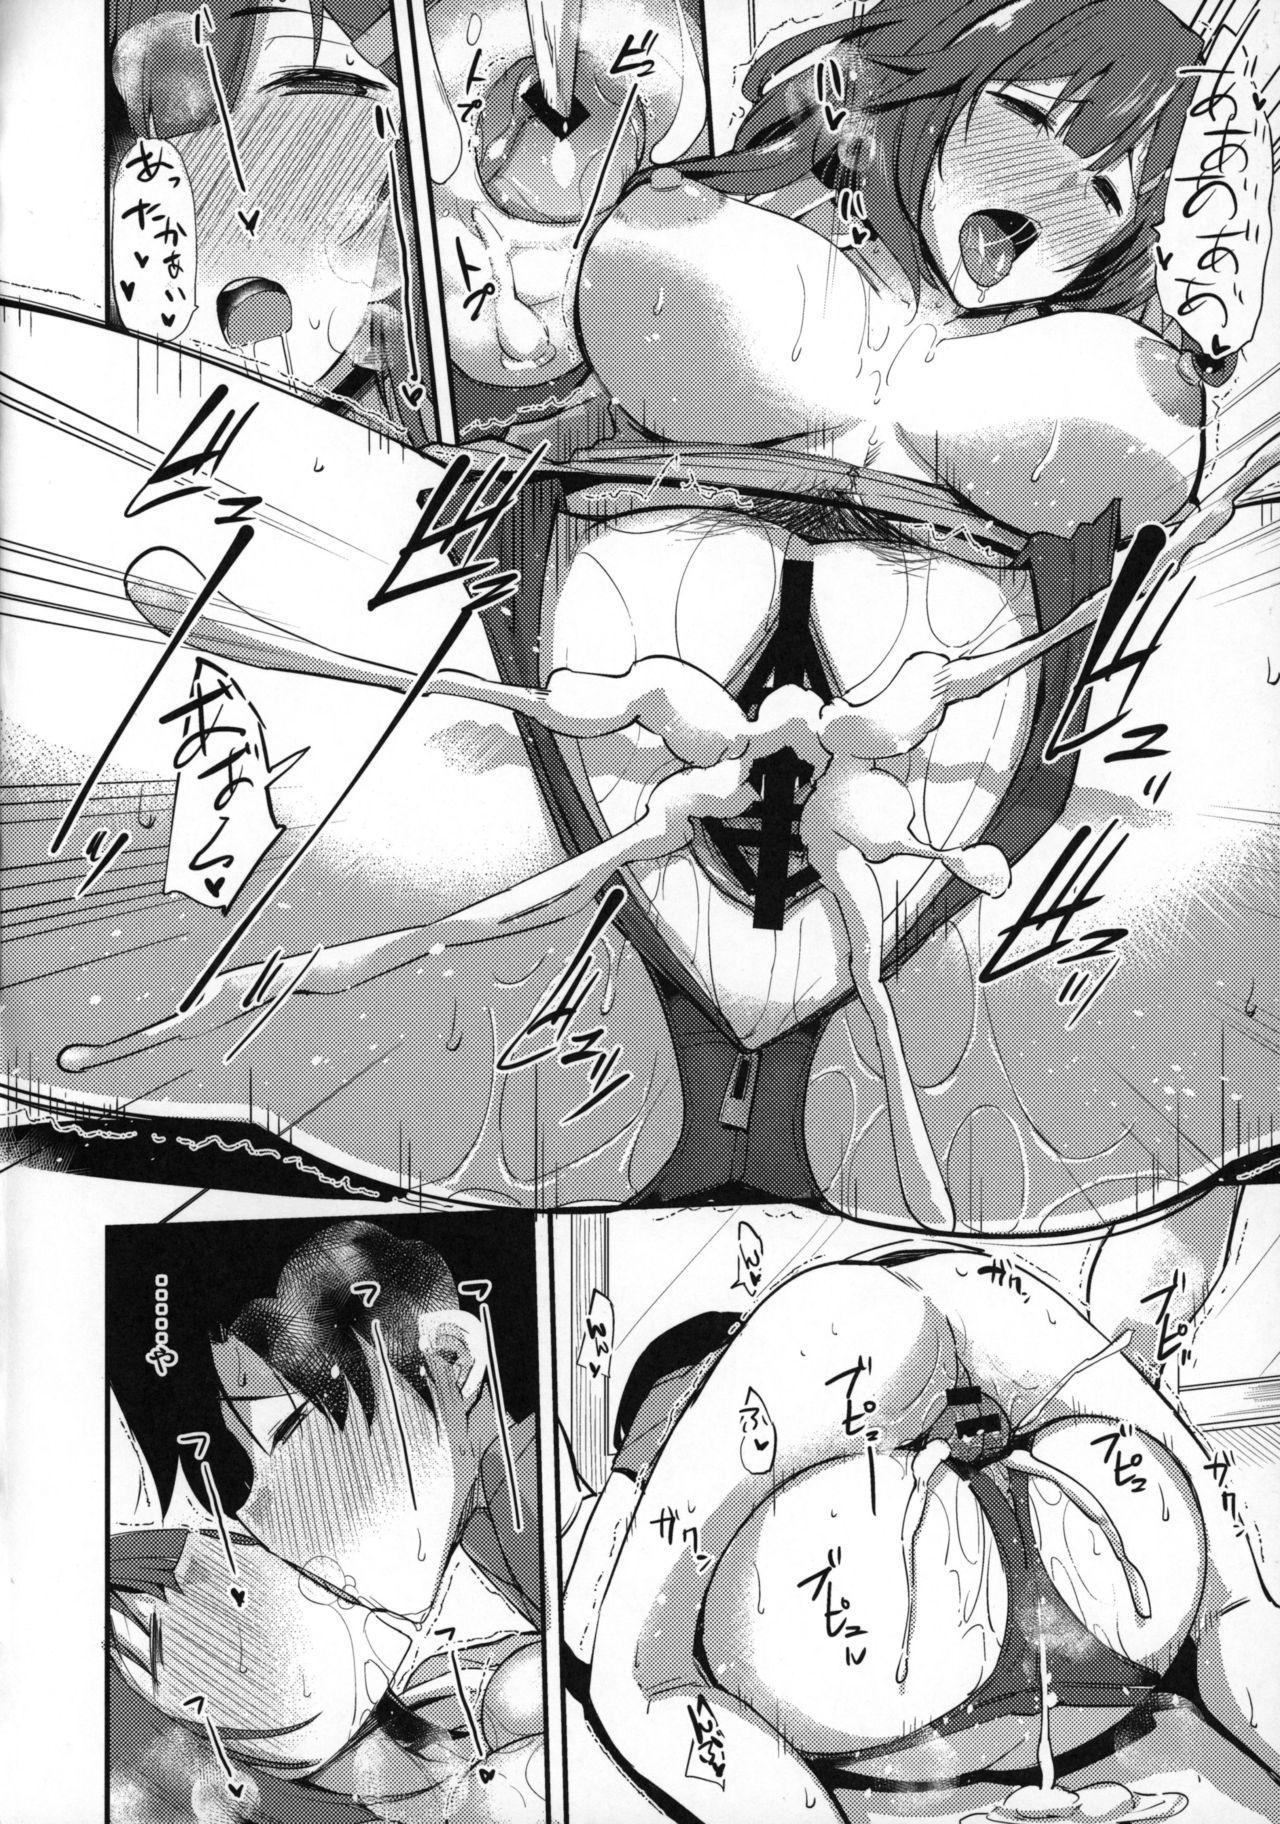 Otonari-san no Yoi no Kuchi 17